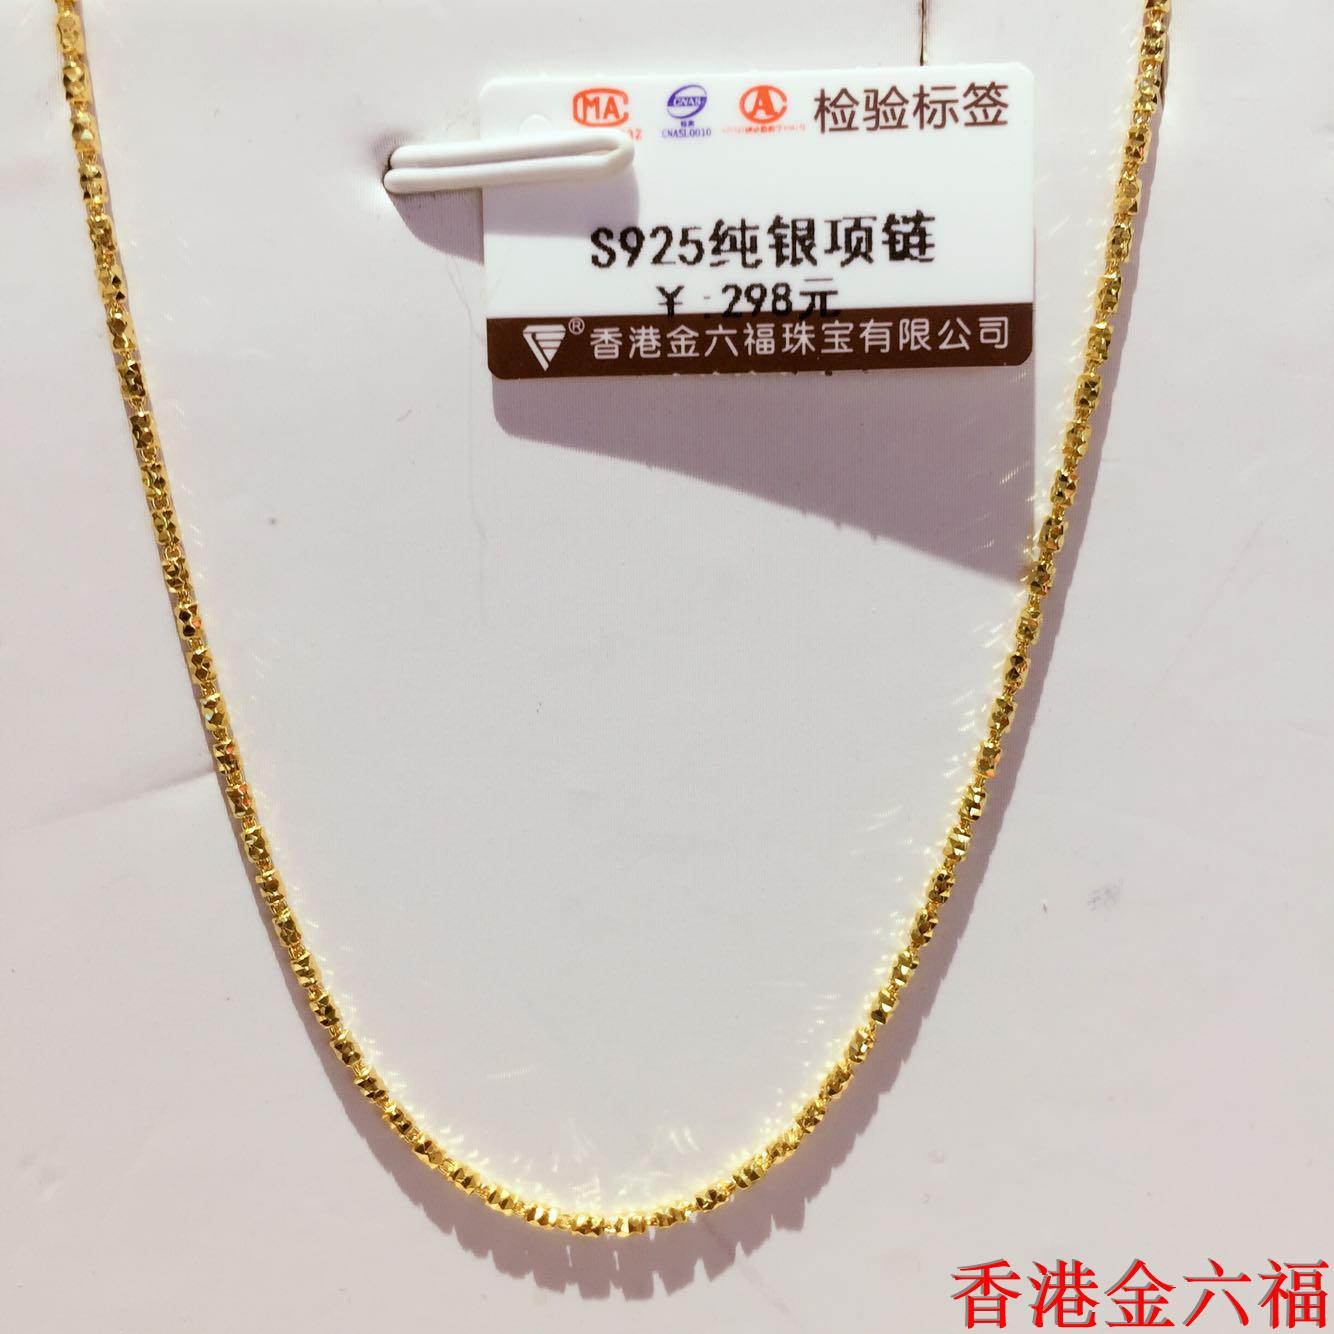 四折包邮正品香港金六福专卖店销售 s925纯银进口钻石黄金色项链图片